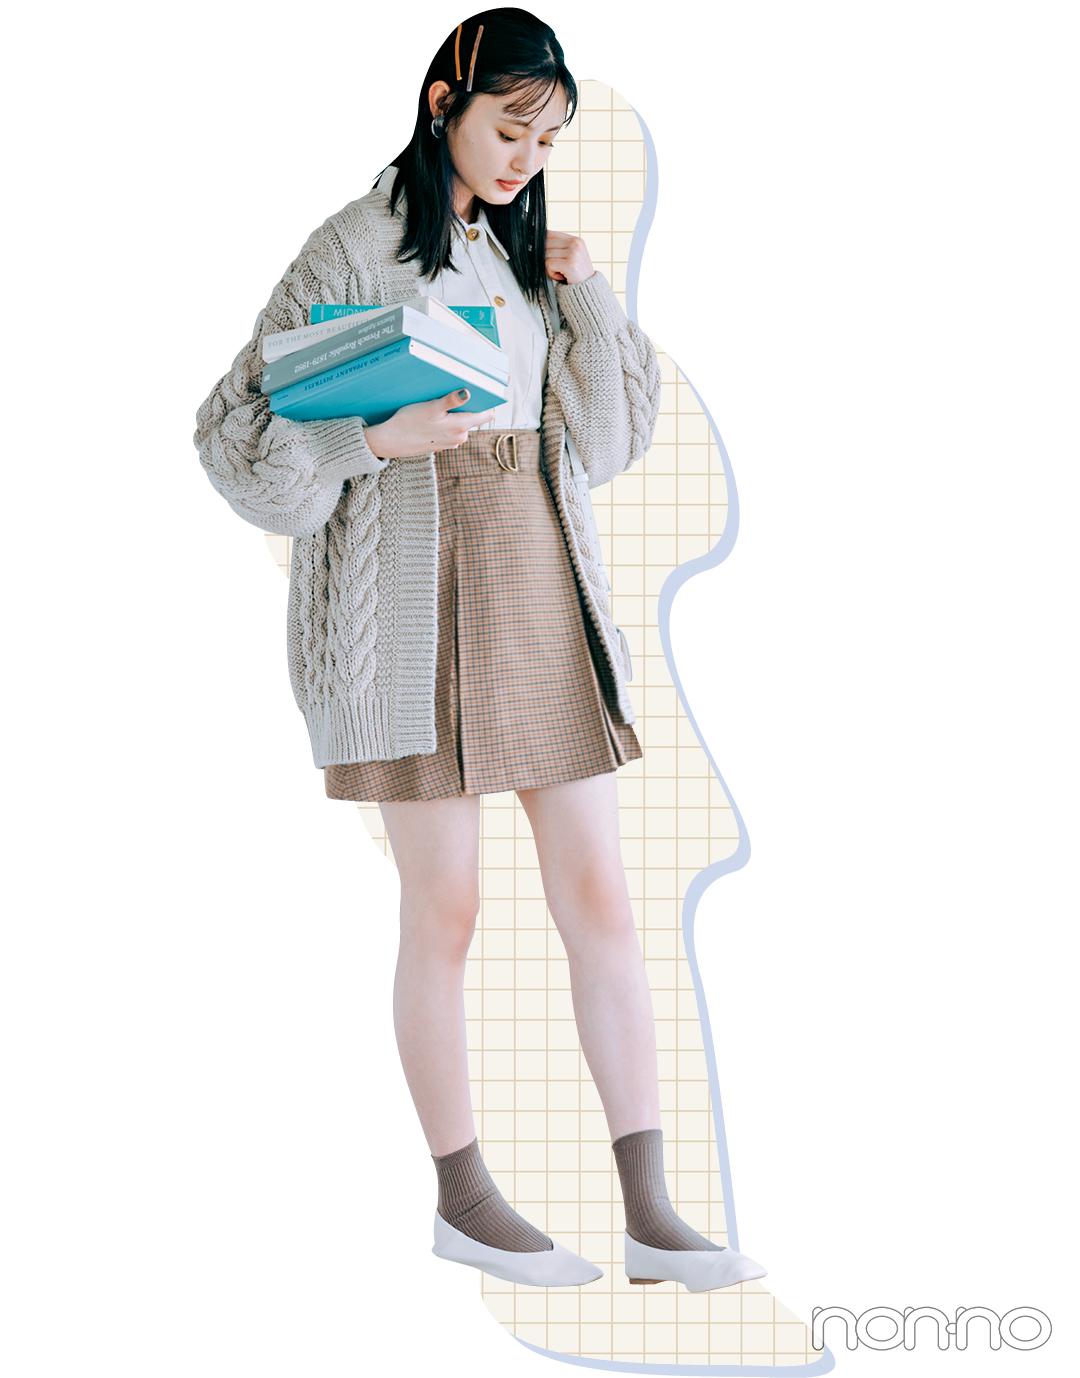 遠藤さくらの1女の秋の大学生コーデDay8